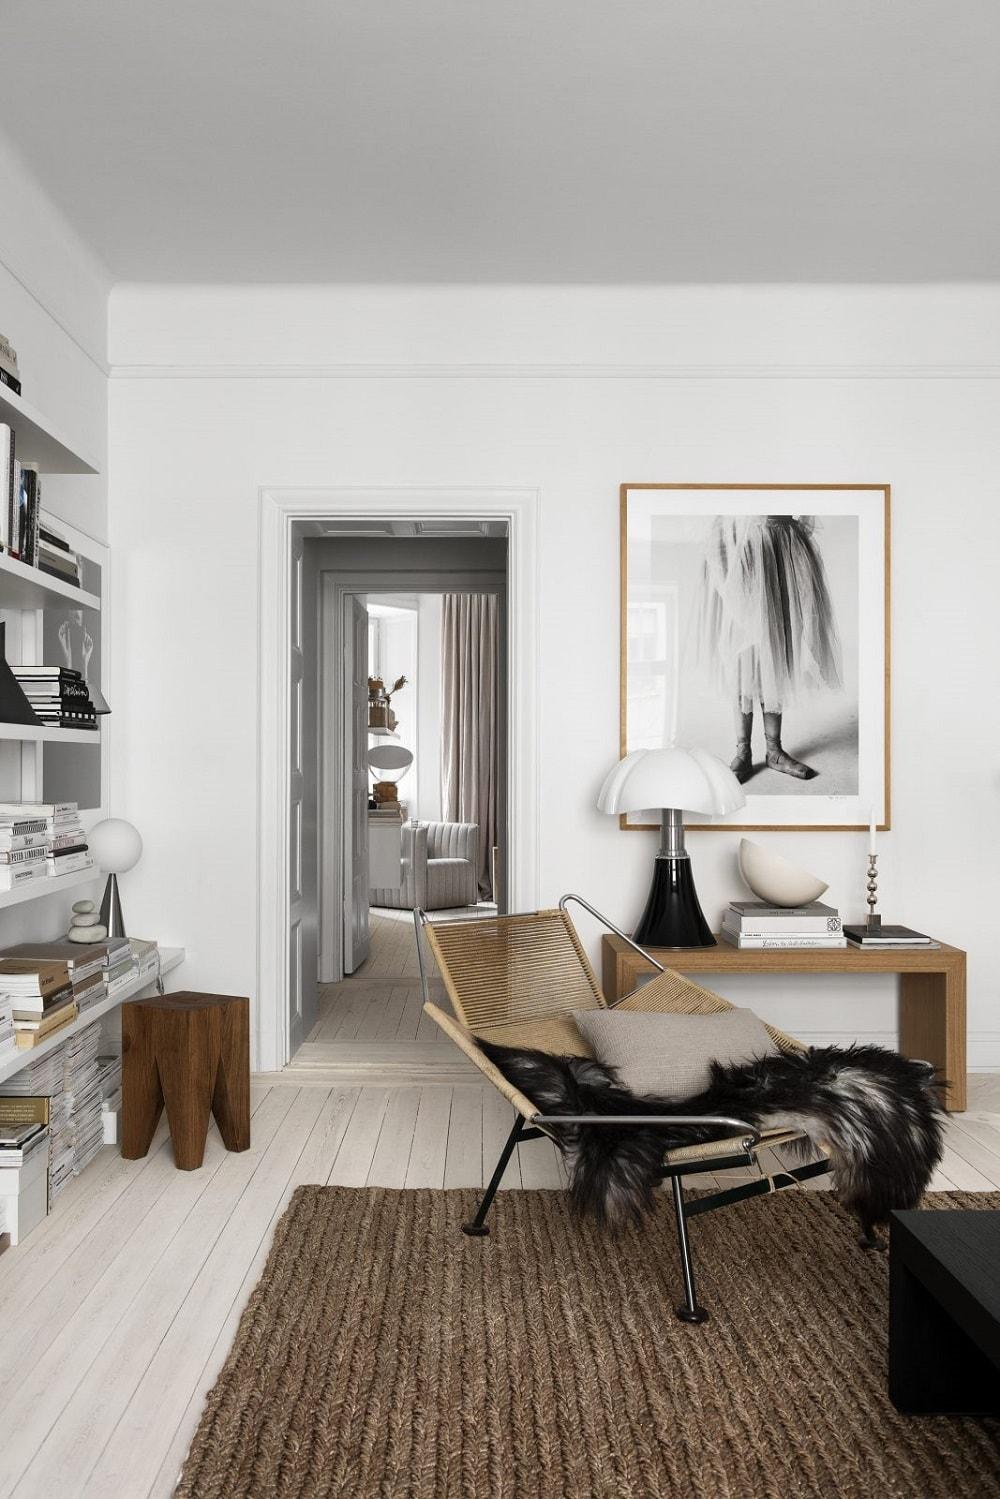 斯德哥尔摩公寓,Lotta Agaton风格。 汉斯·韦格纳(Hans J.